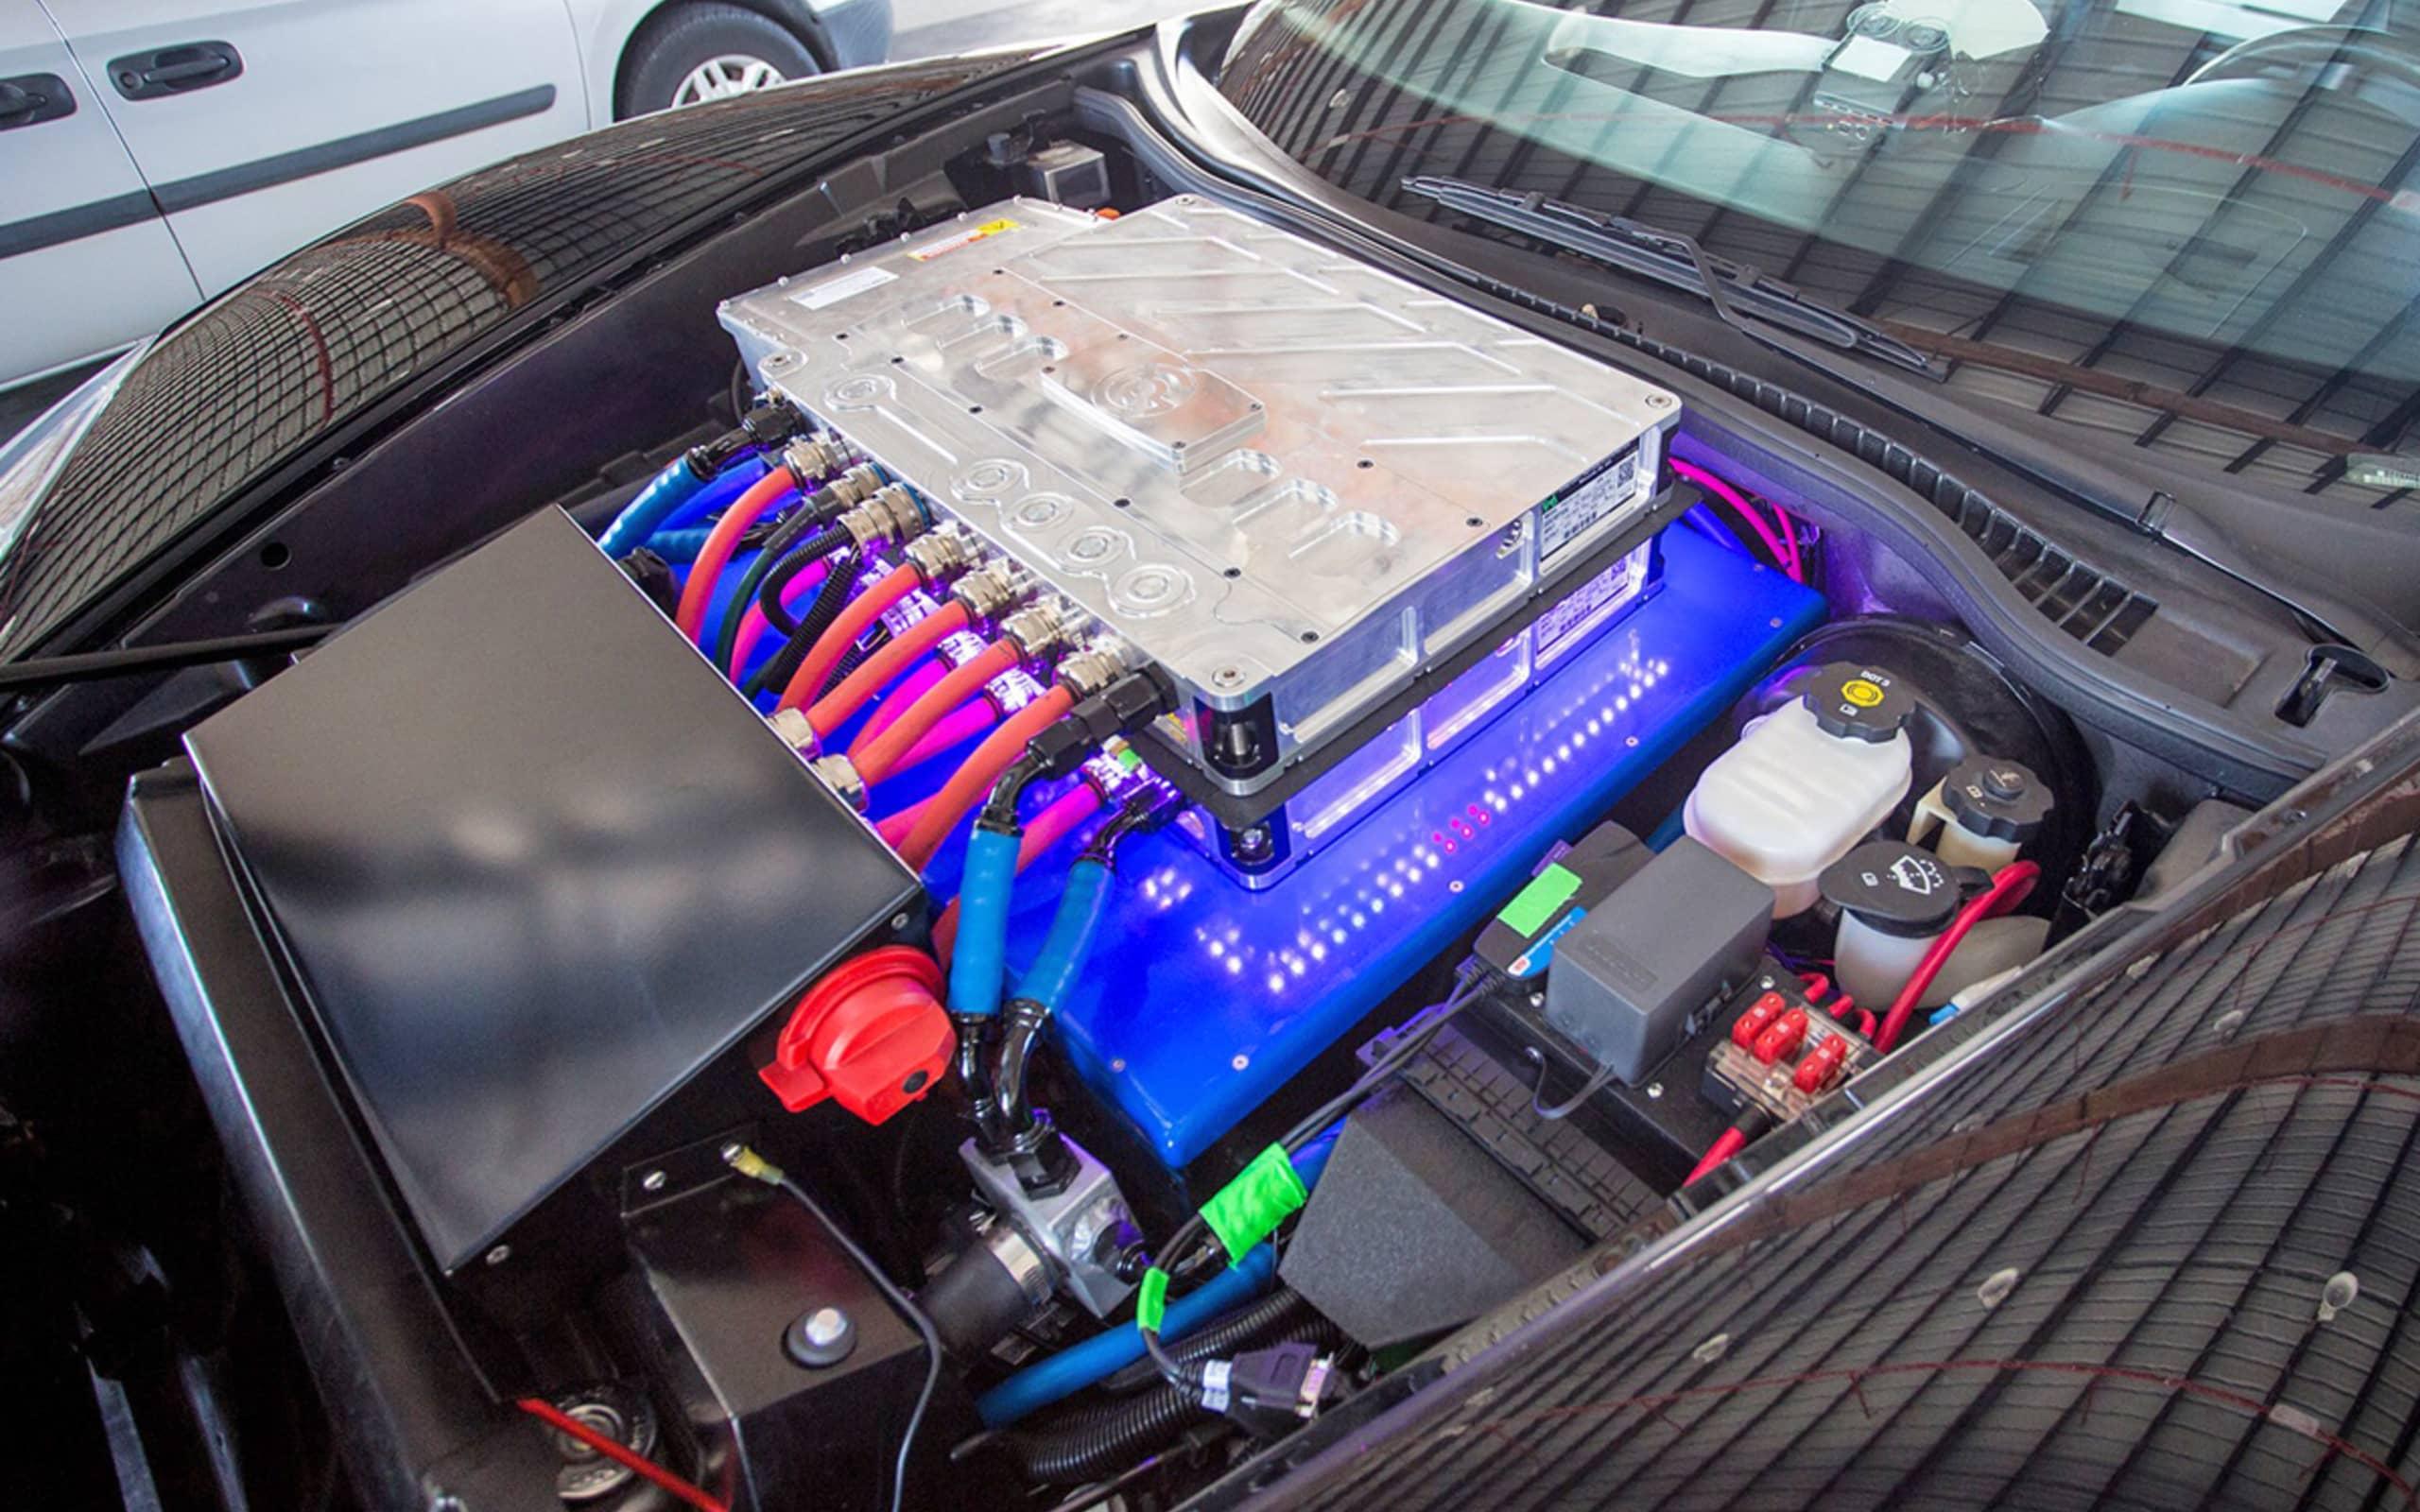 GXE : record du monde de vitesse pour une voiture électrique, 330,9 km/h 7